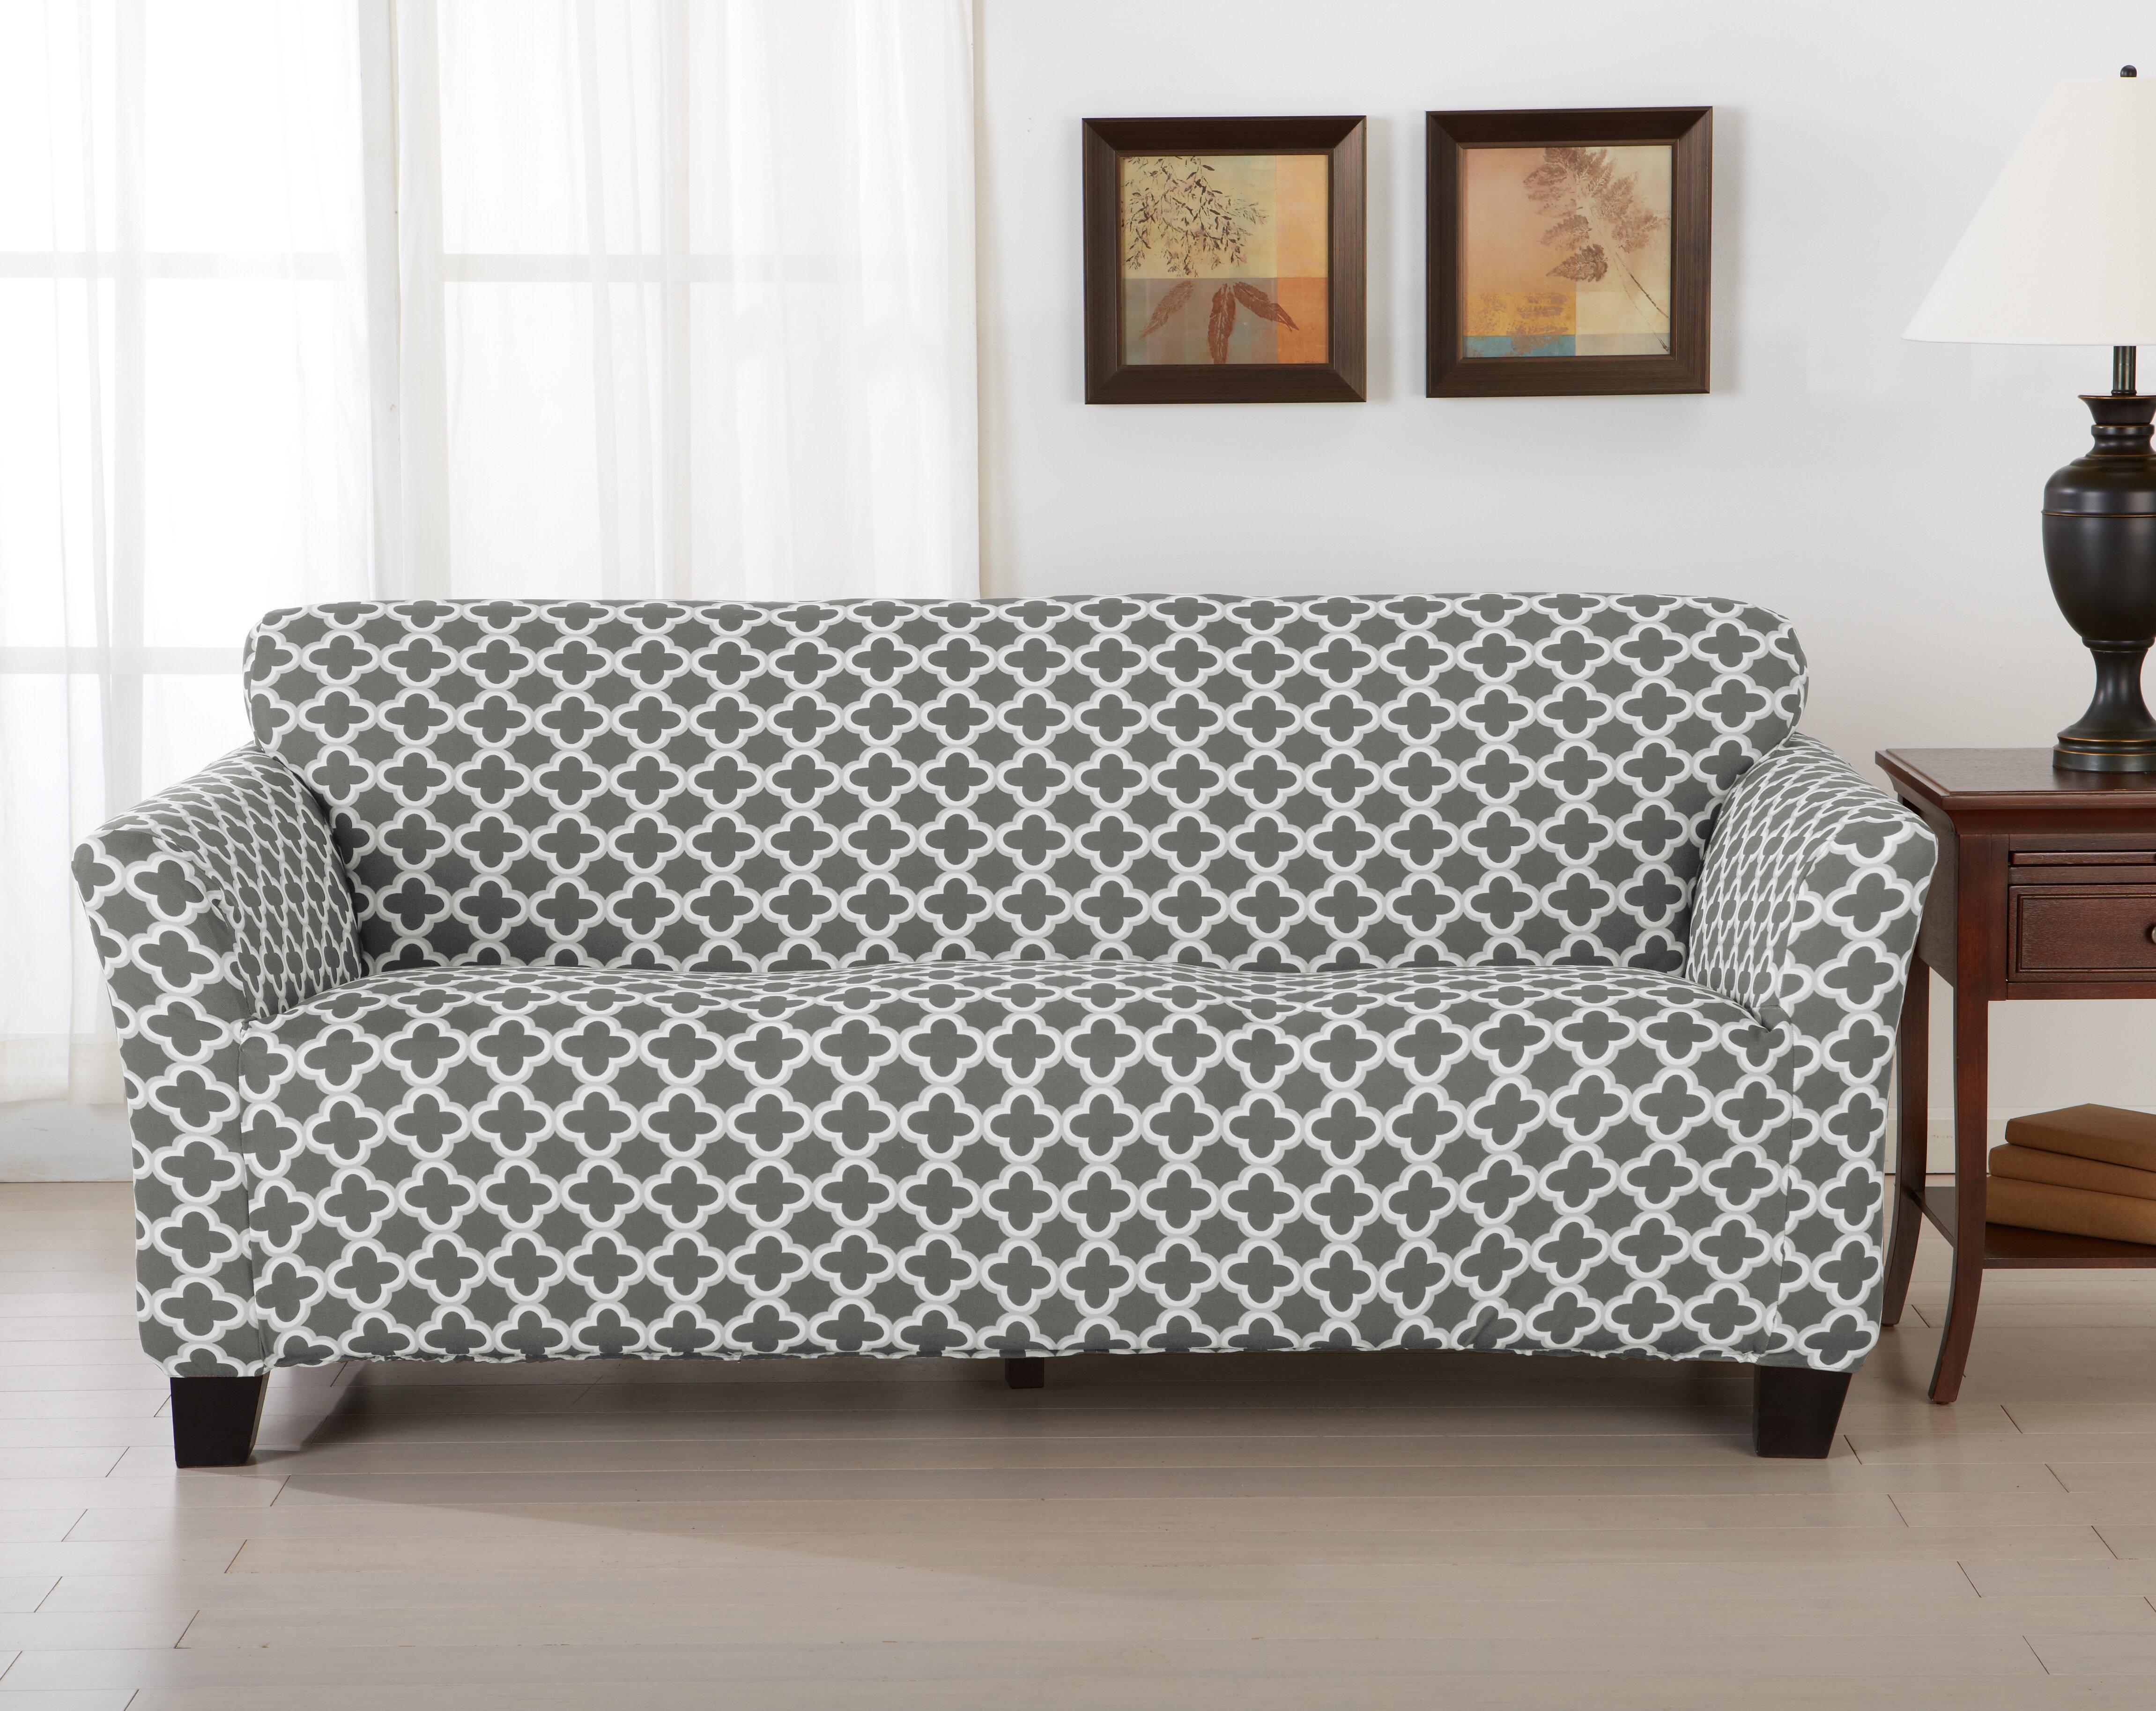 Home Fashion Designs Brenna Box Cushion Sofa Slipcover Reviews Wayfair